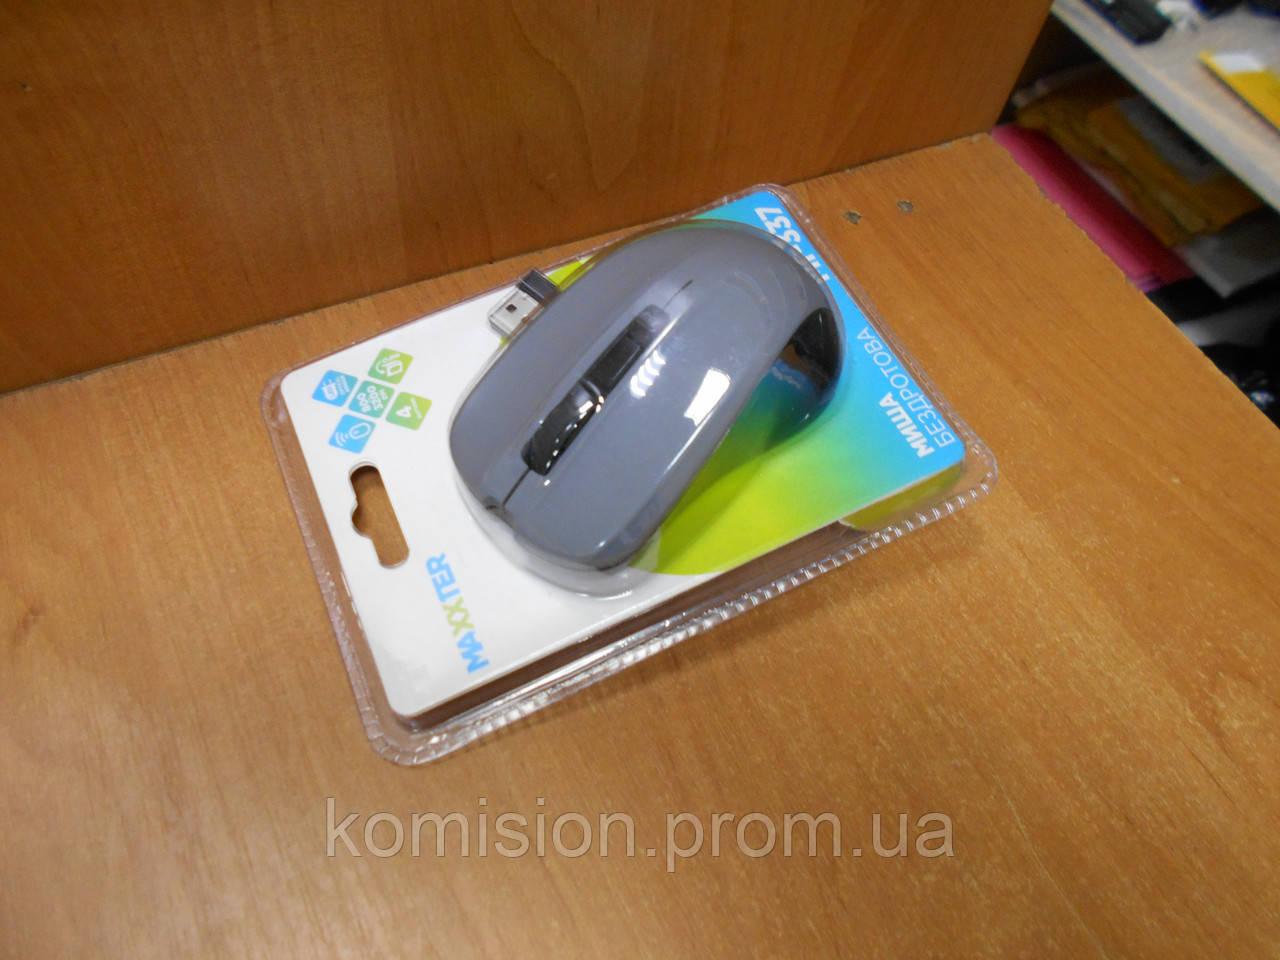 Мышка беспроводная Maxxter MR-337